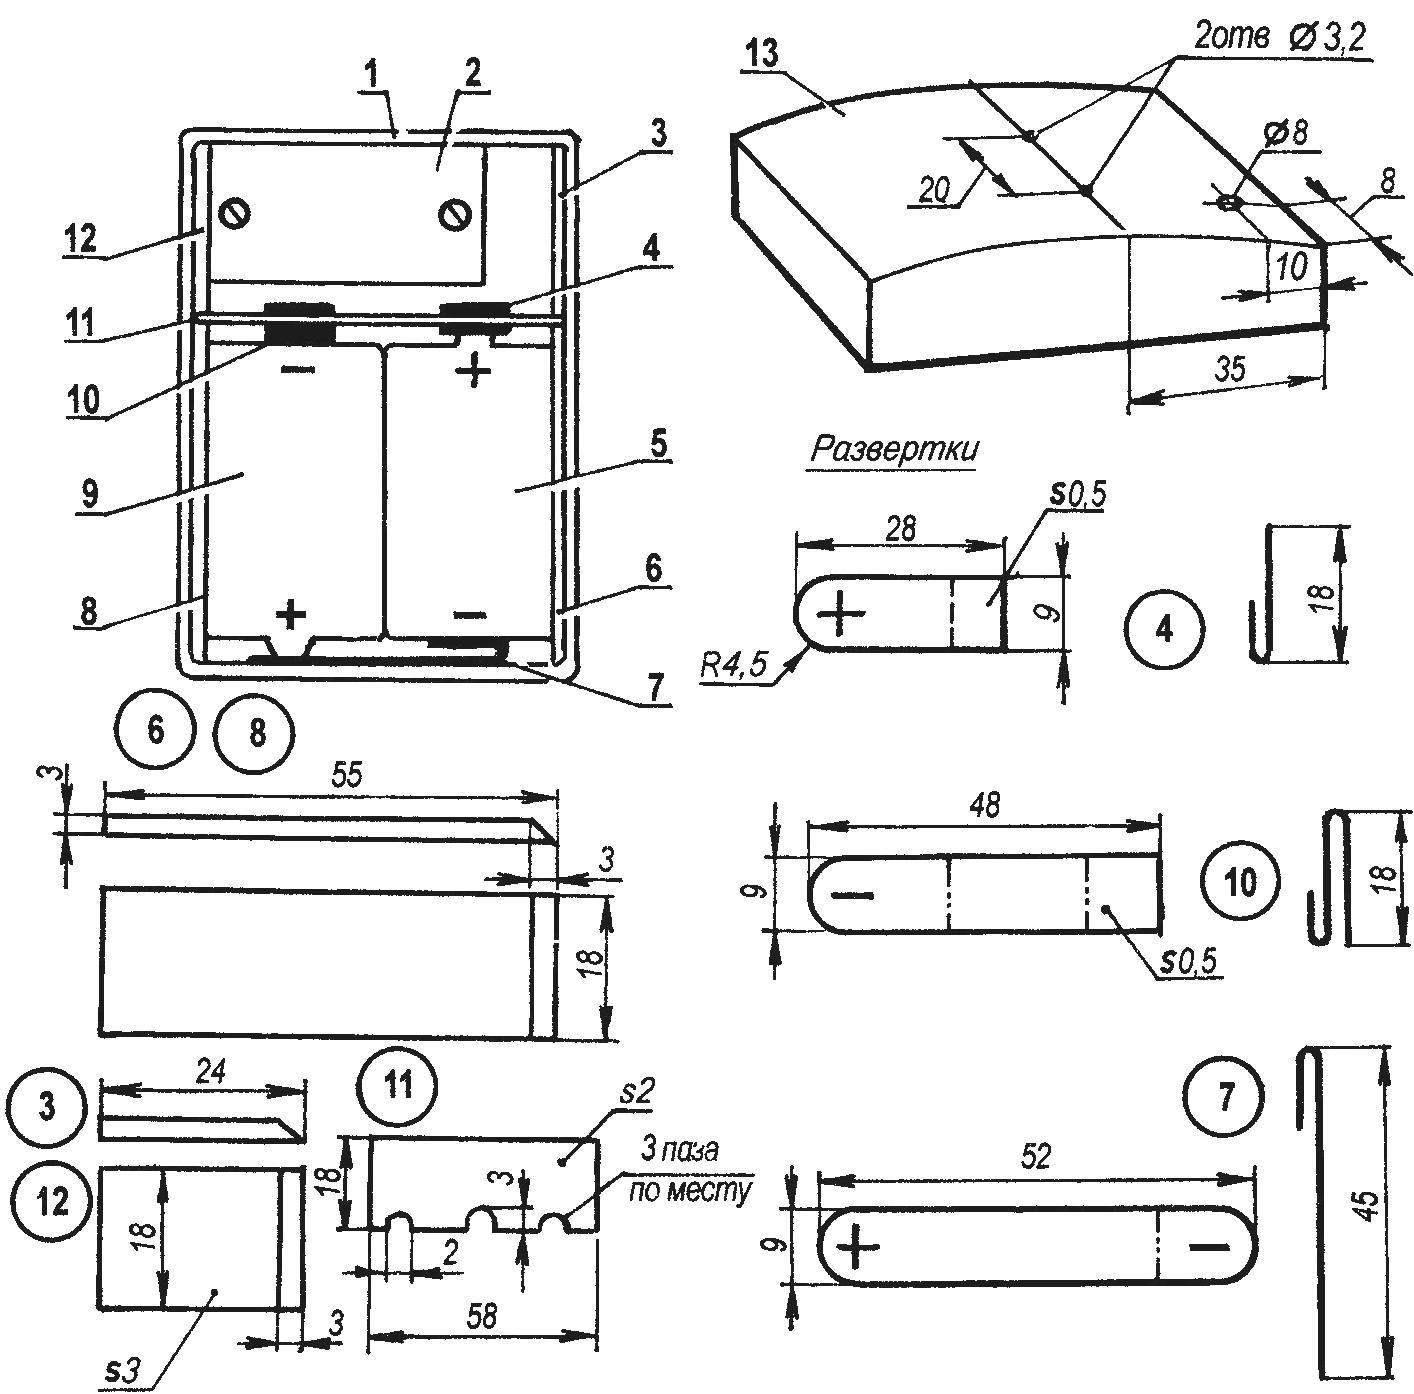 Компоновка деталей и узлов в корпусе-основании